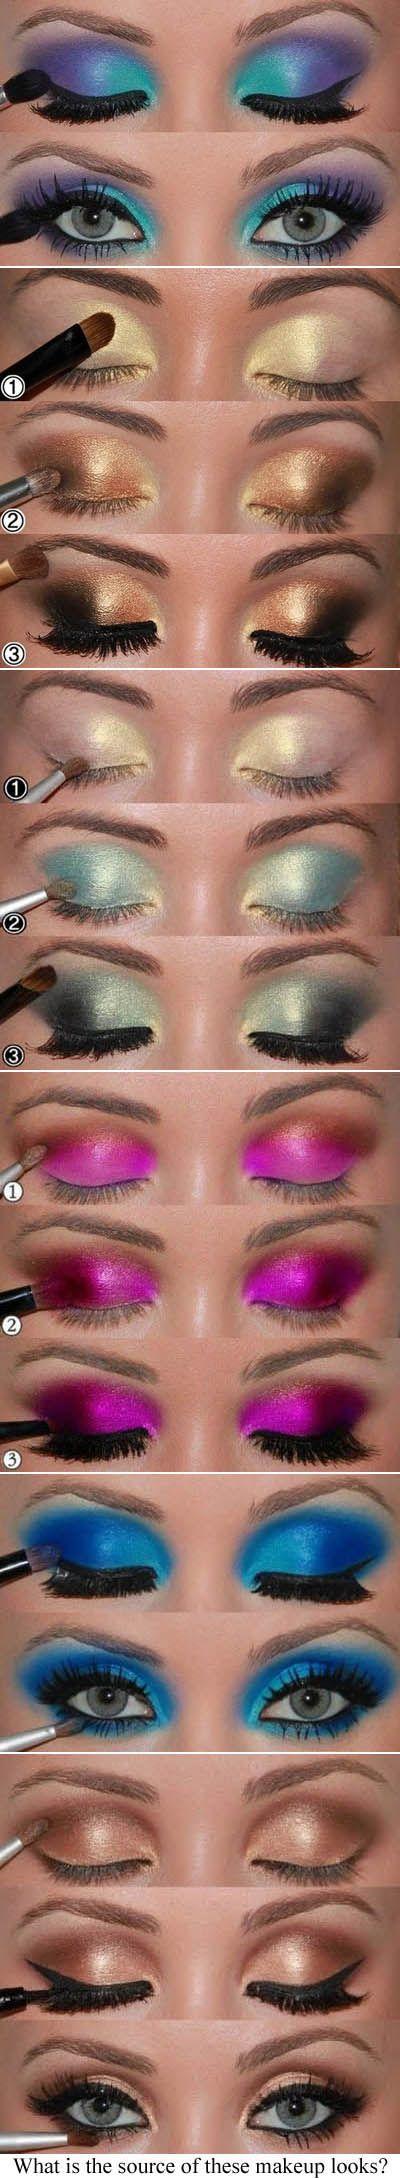 Varie sfumature occhi